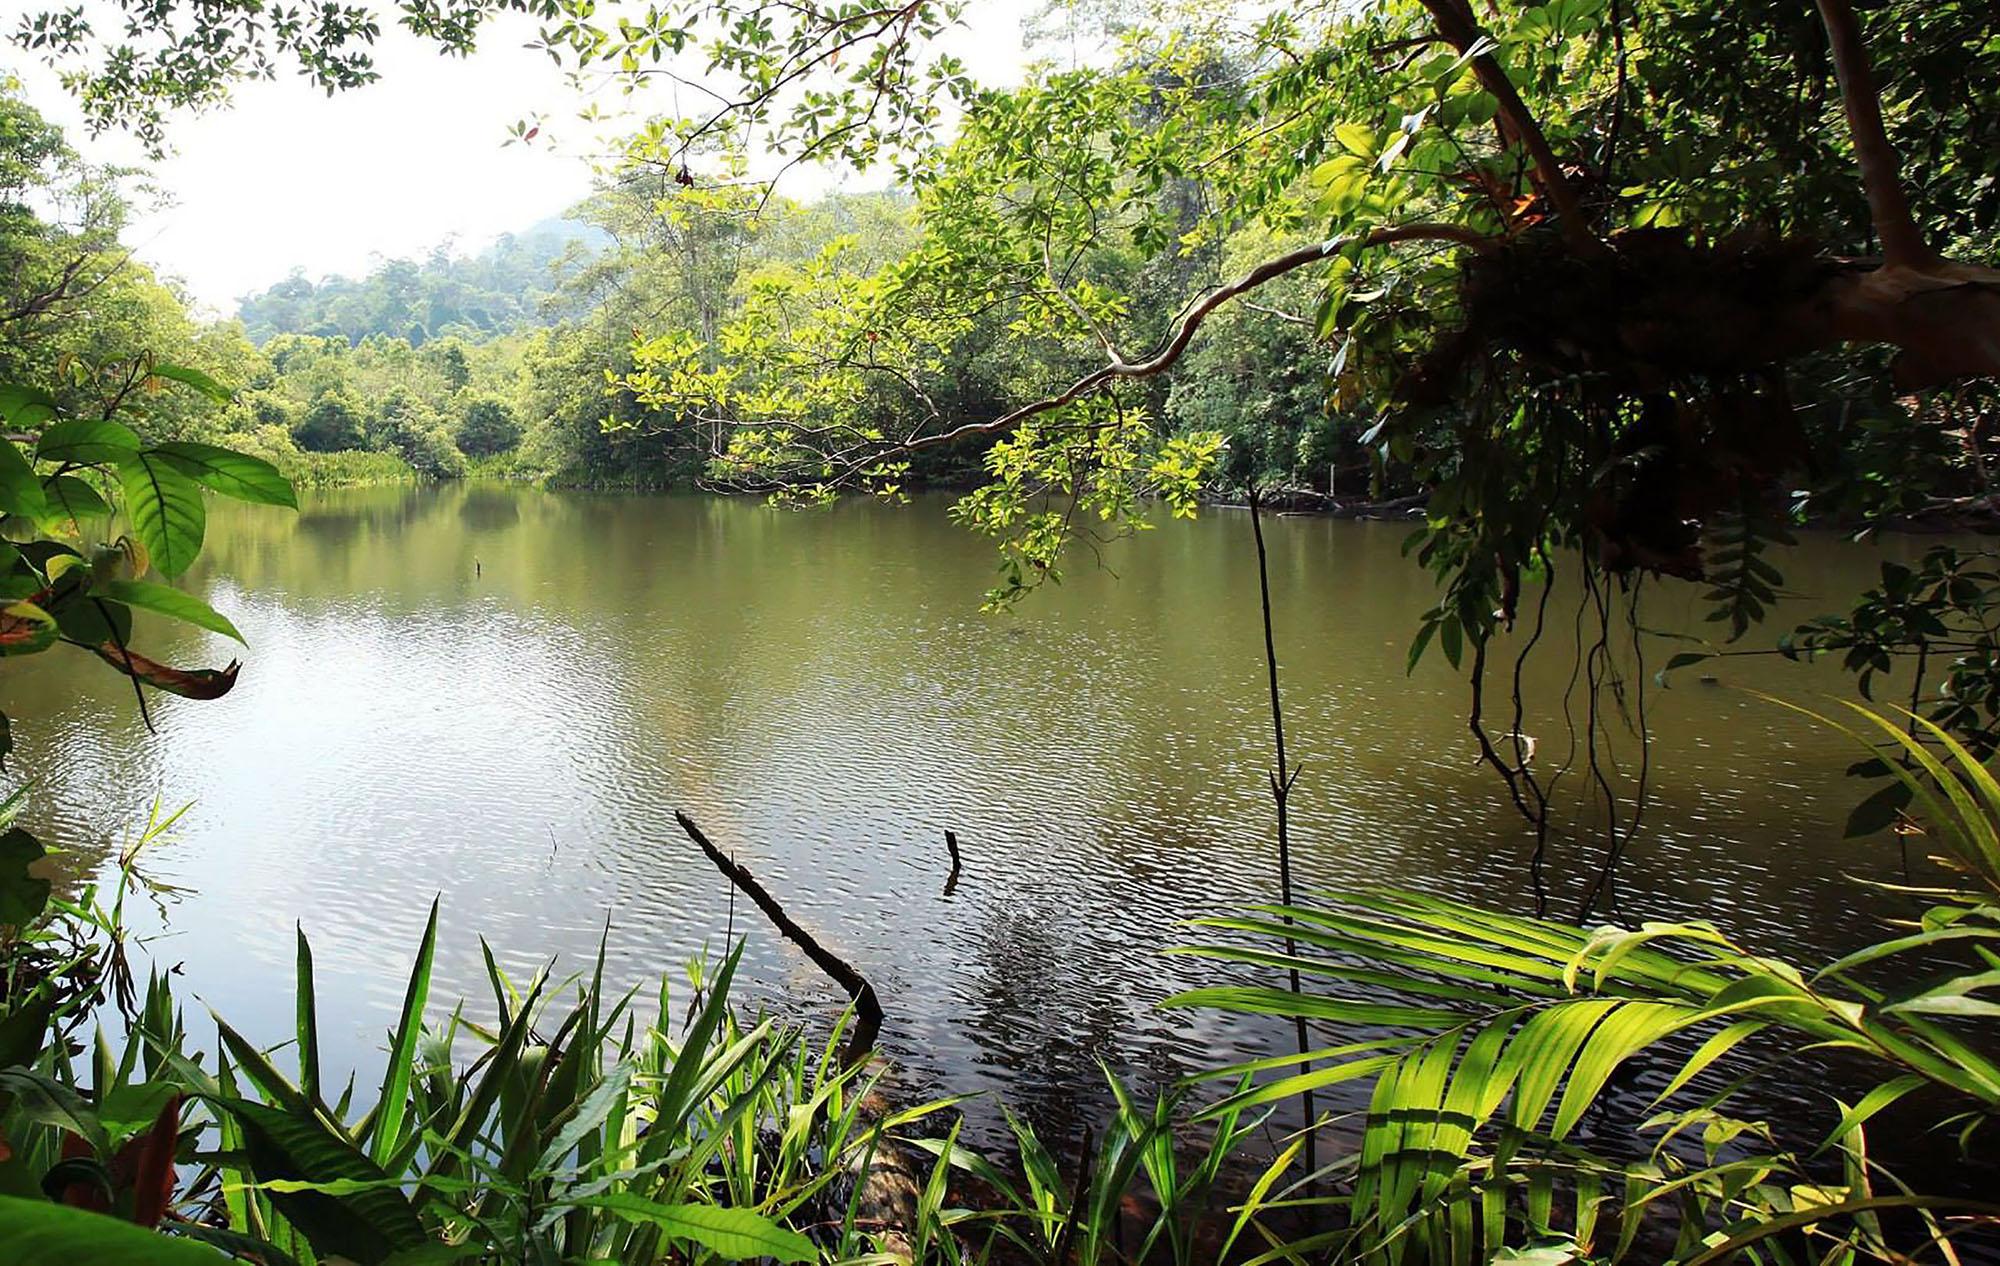 Élvezze a természet nyugalmát